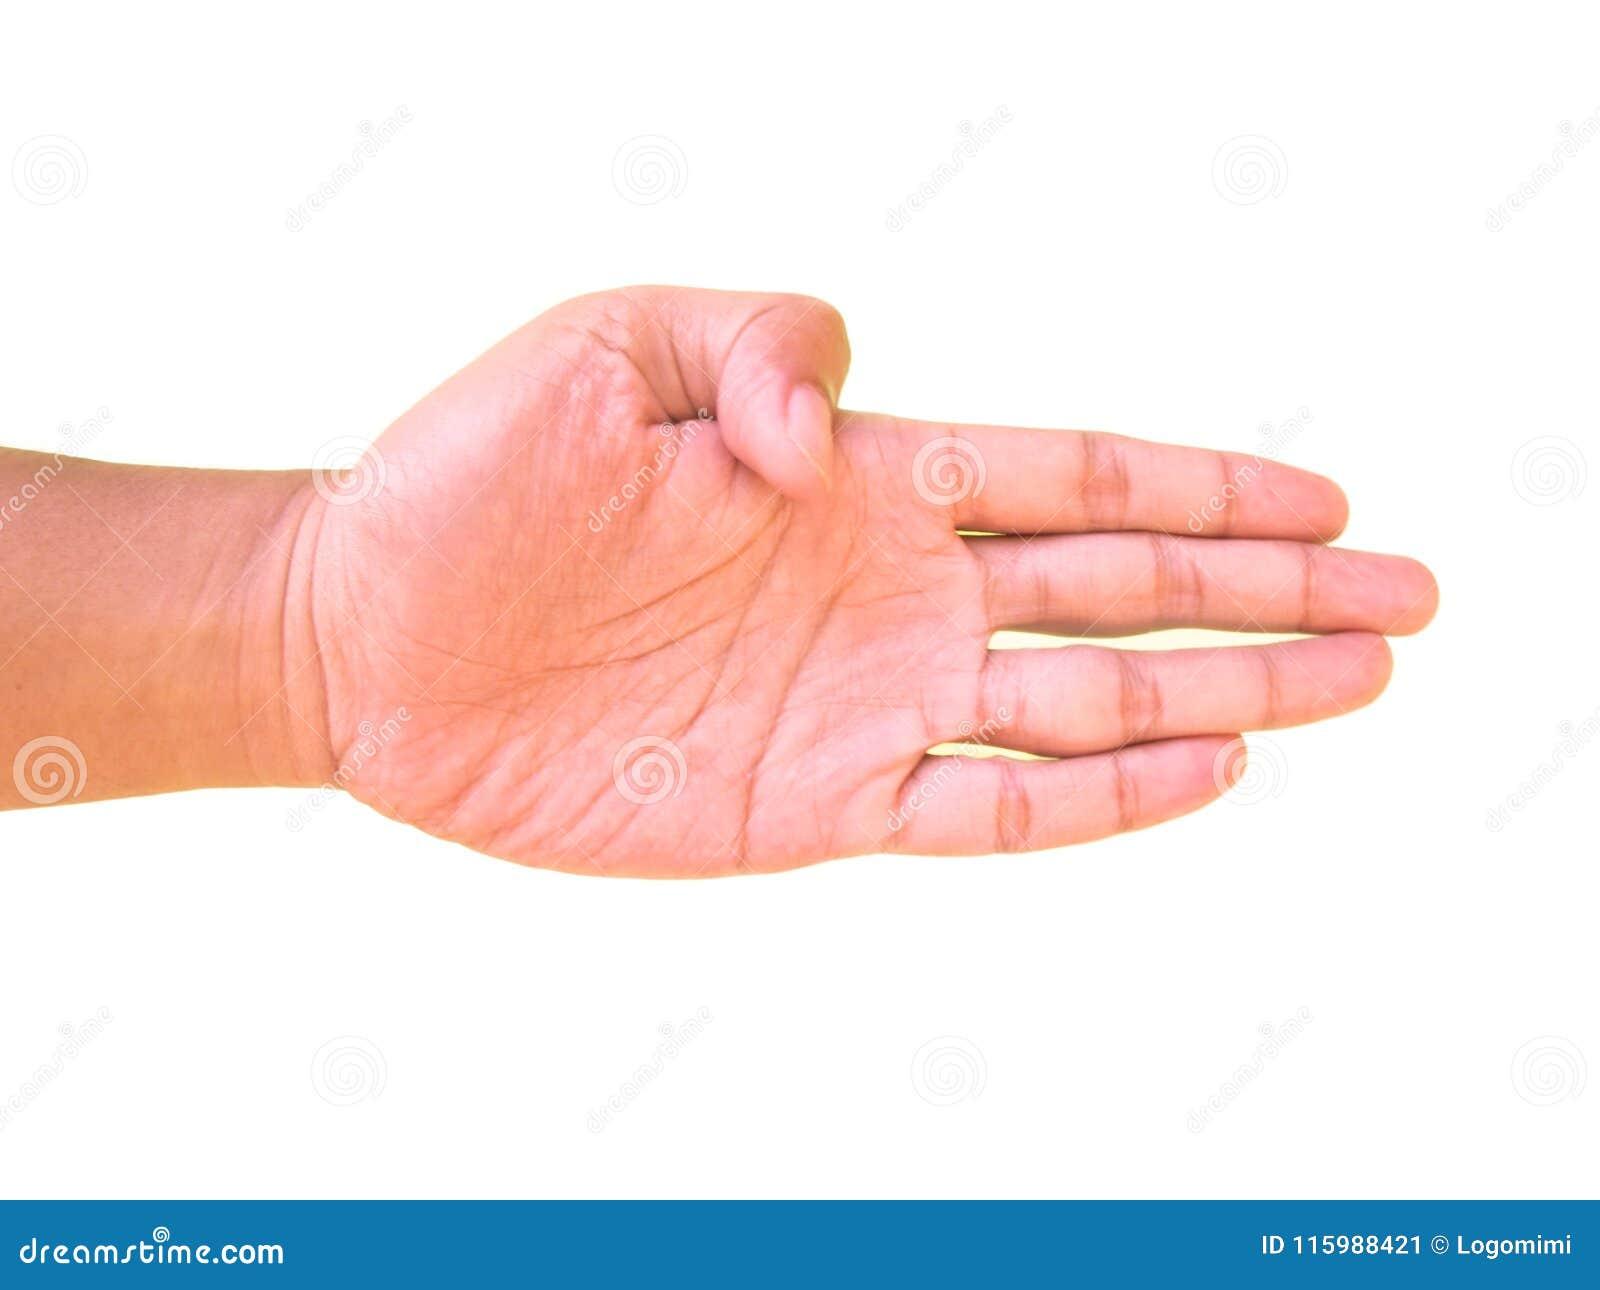 Shuto Uchi Técnica De La Mano Del Karate Imagen De Archivo Imagen De Potencia Adulto 115988421